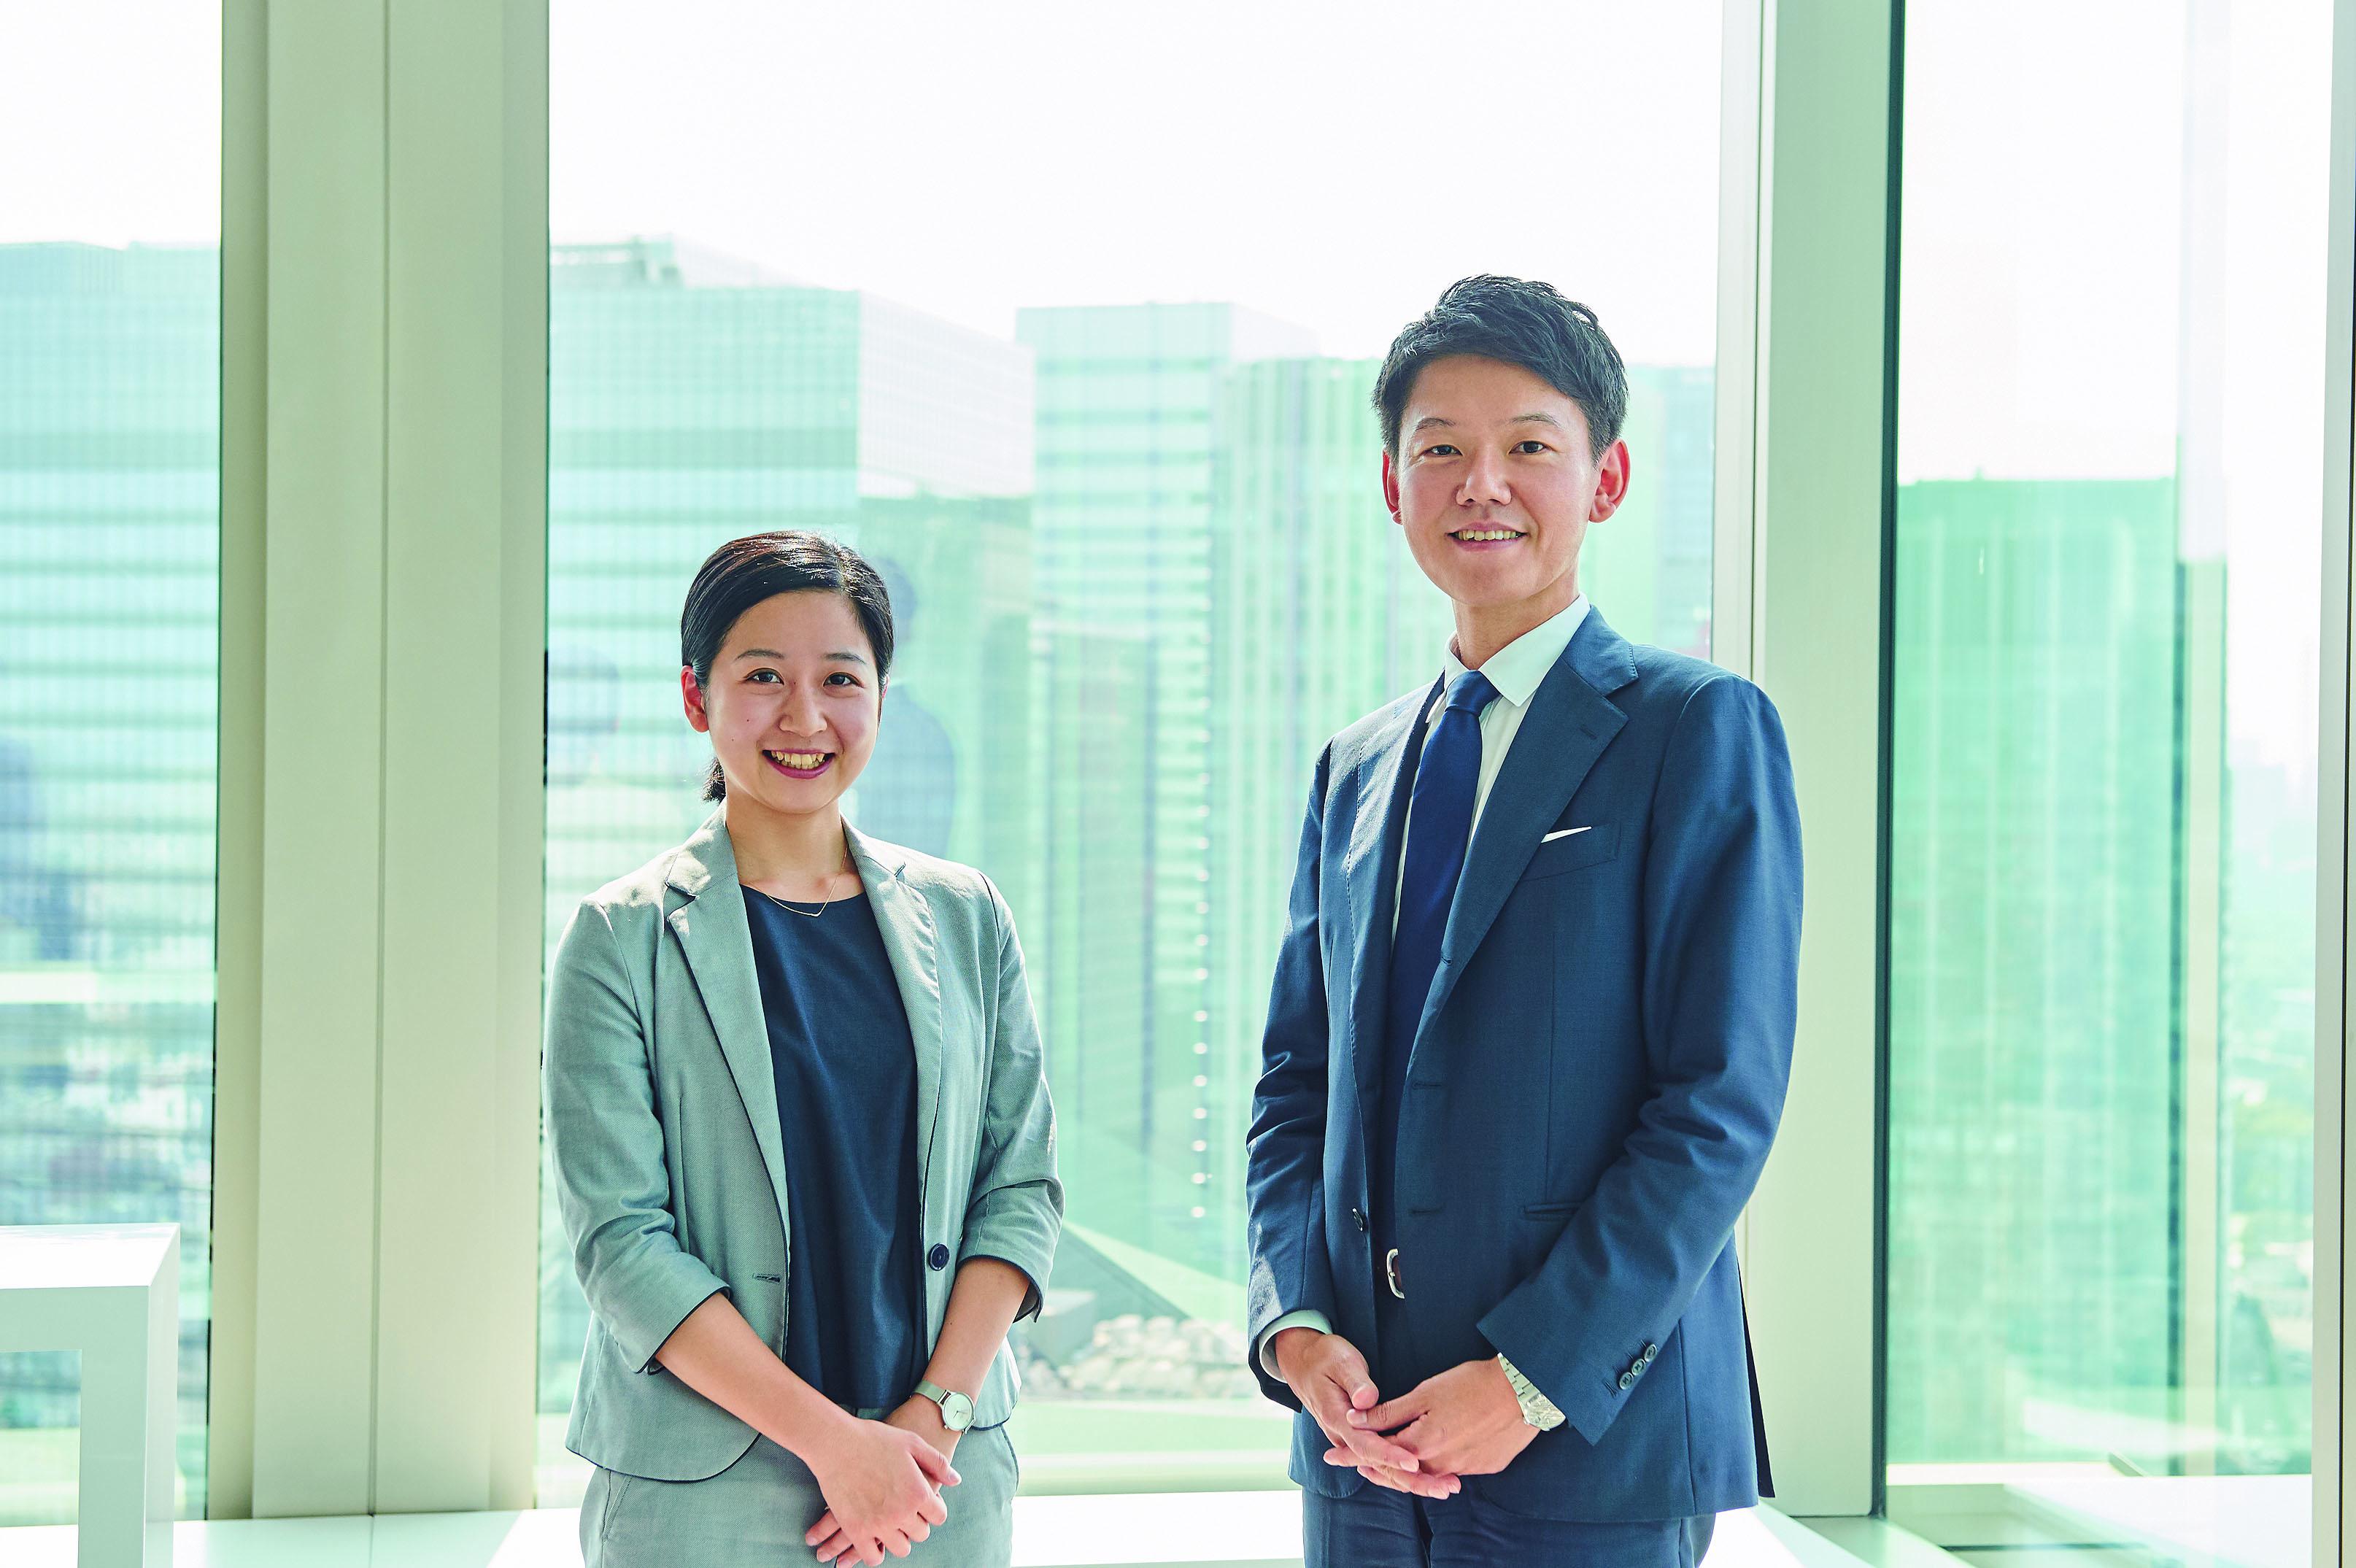 【ボストン コンサルティング グループ】グローバル案件の多さは業界随一 デジタルを強みに日本を変える